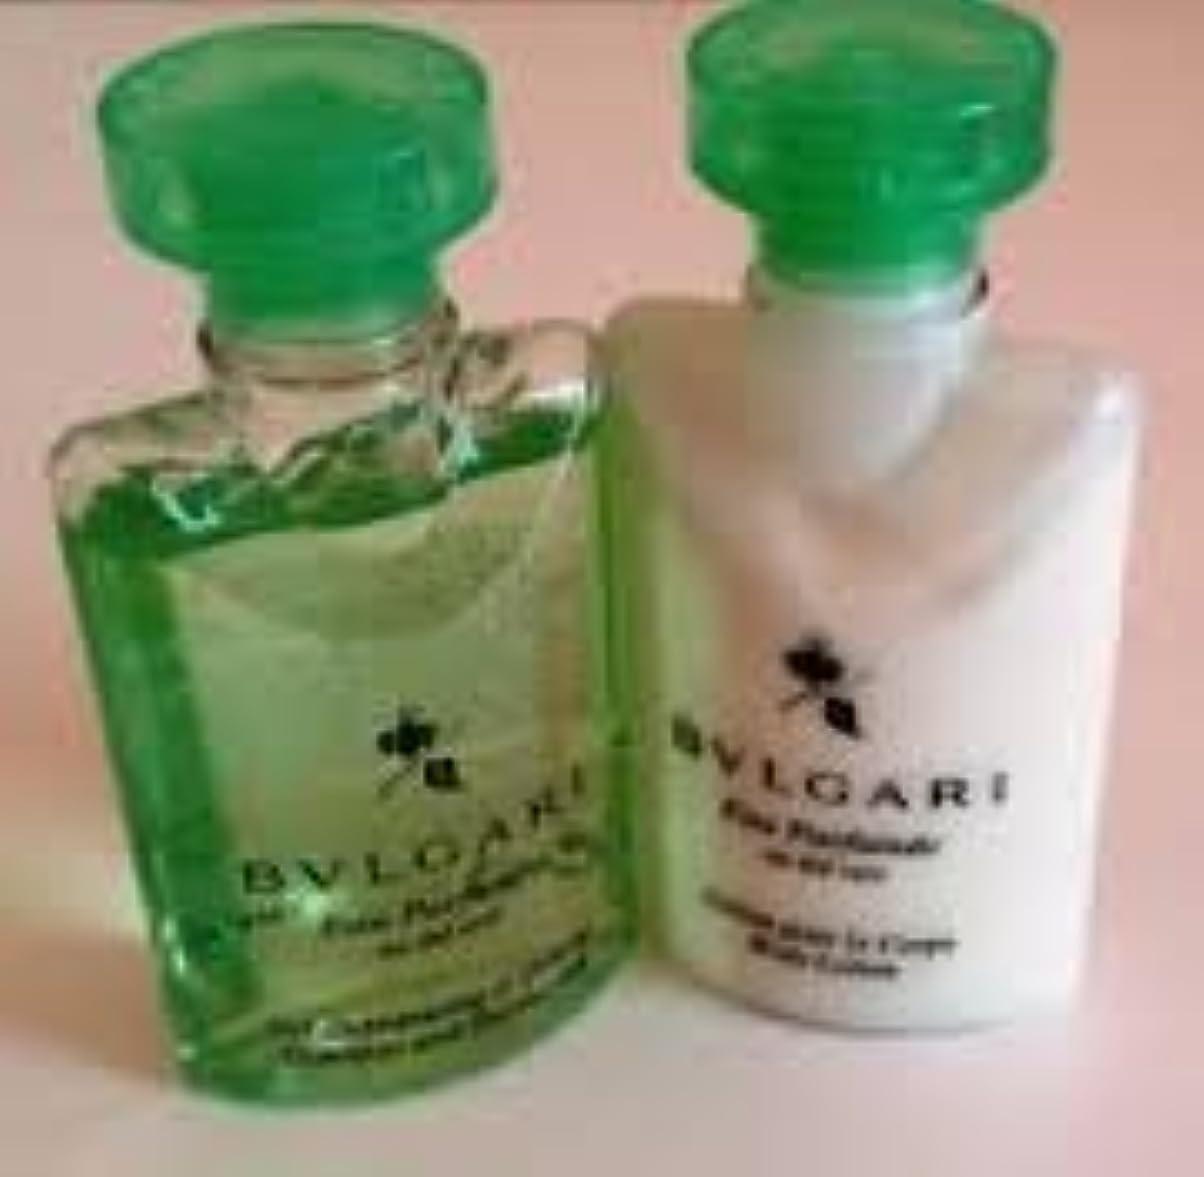 テキストなぞらえる電信Bvlgari Eau Parfumee au the vert (ブルガリ オー パフュ-メ オウ ザ バート / グリーン ティー) 2.5 oz (75ml) シャンプー & ヘアーコンディショナー